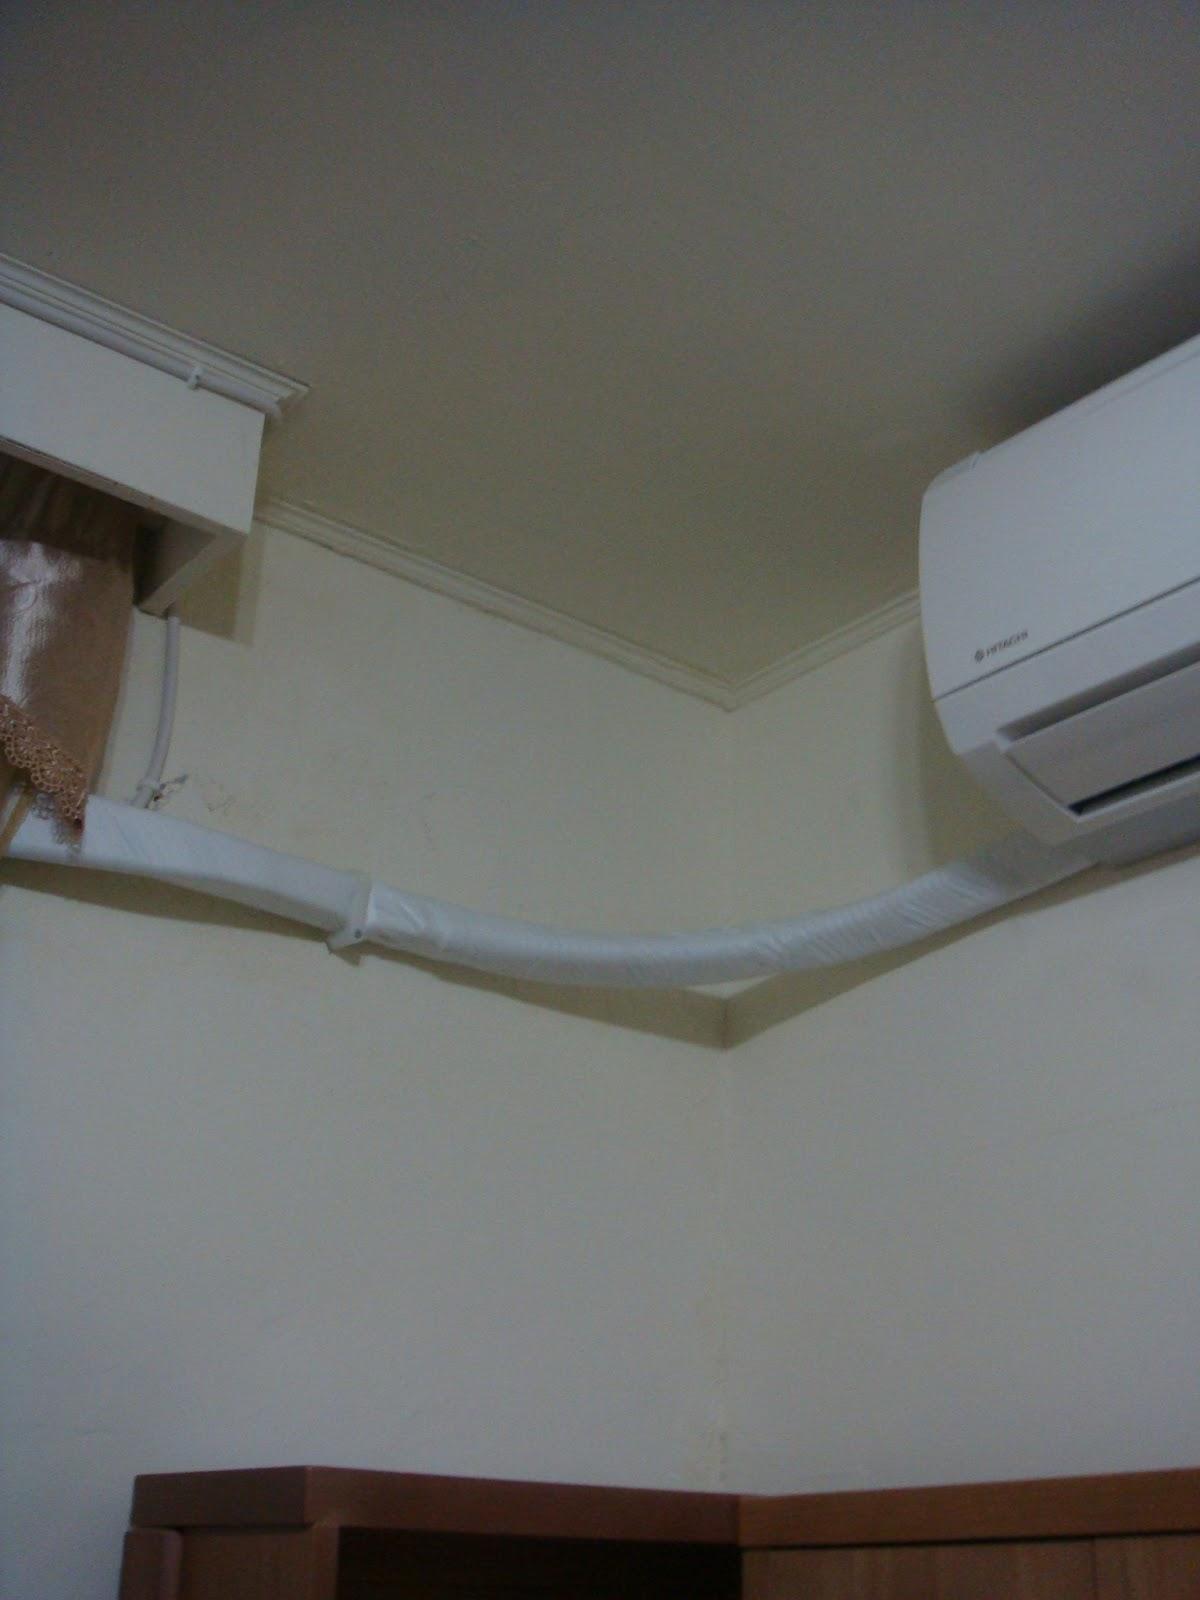 隱藏冷氣管線安裝|- 隱藏冷氣管線安裝| - 快熱資訊 - 走進時代